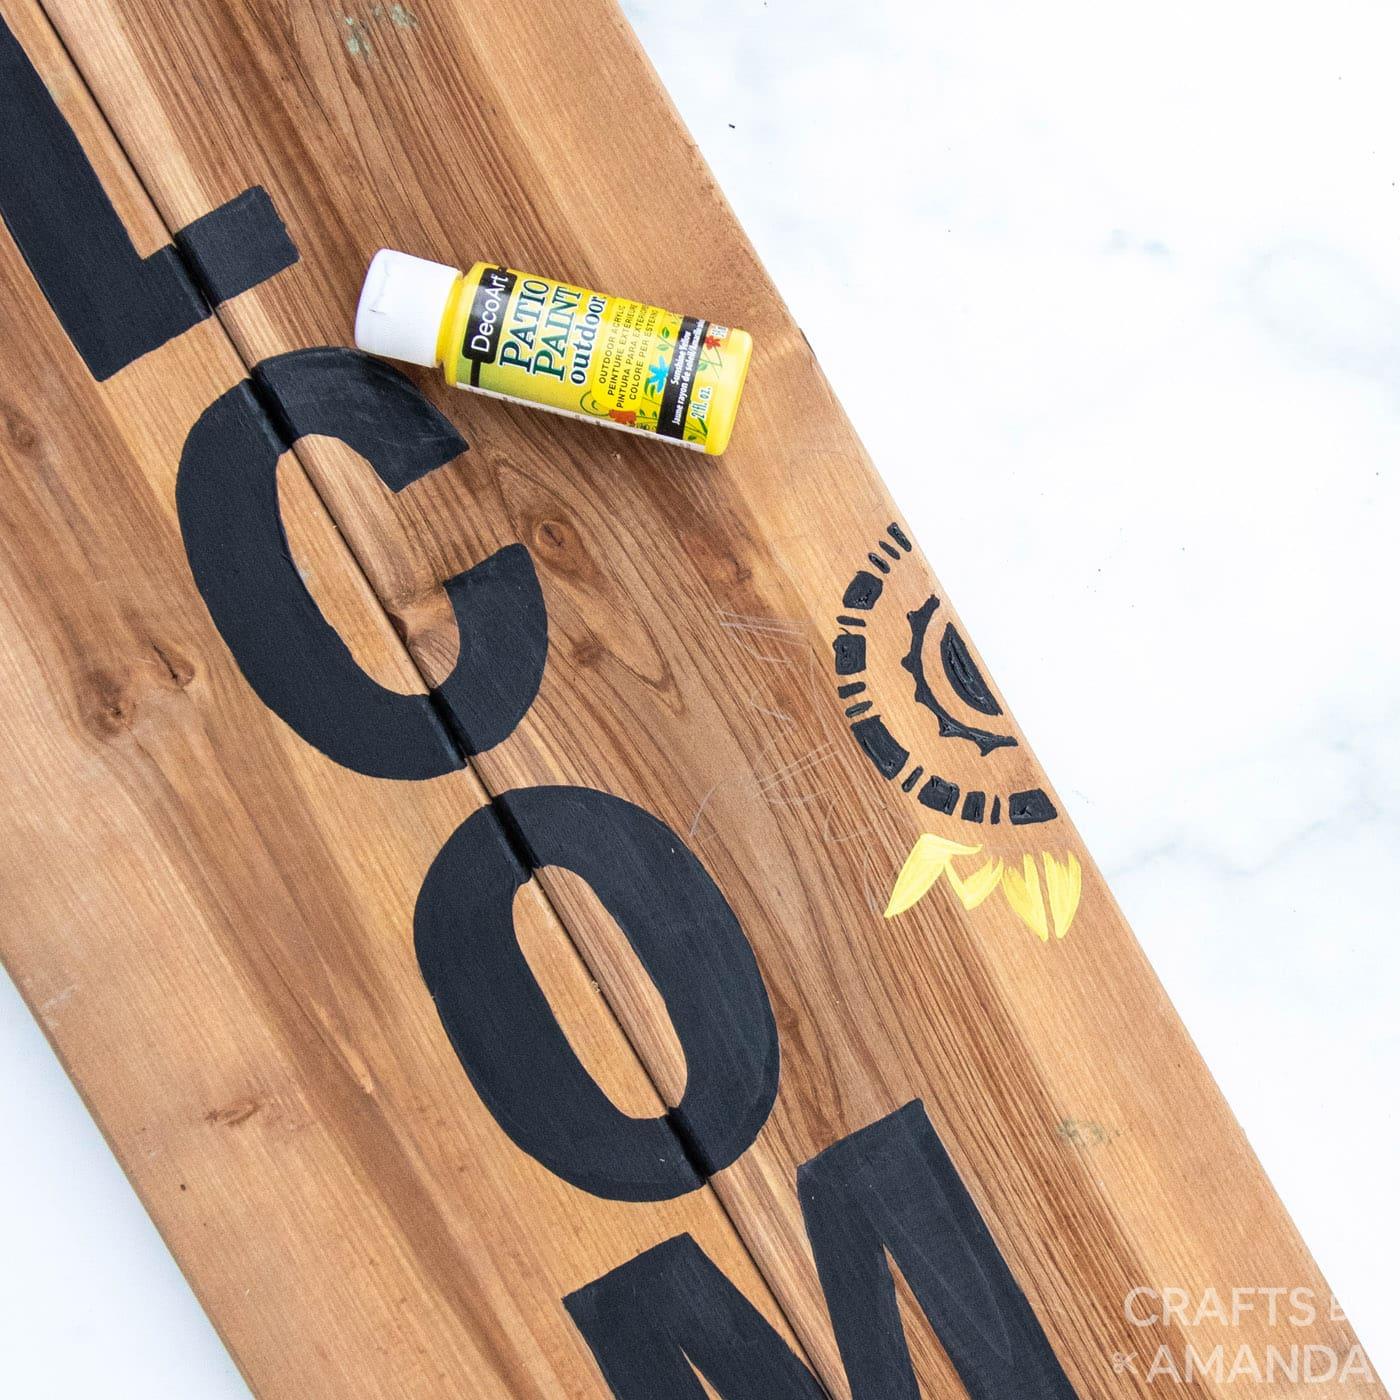 decoart paint on a wooden board